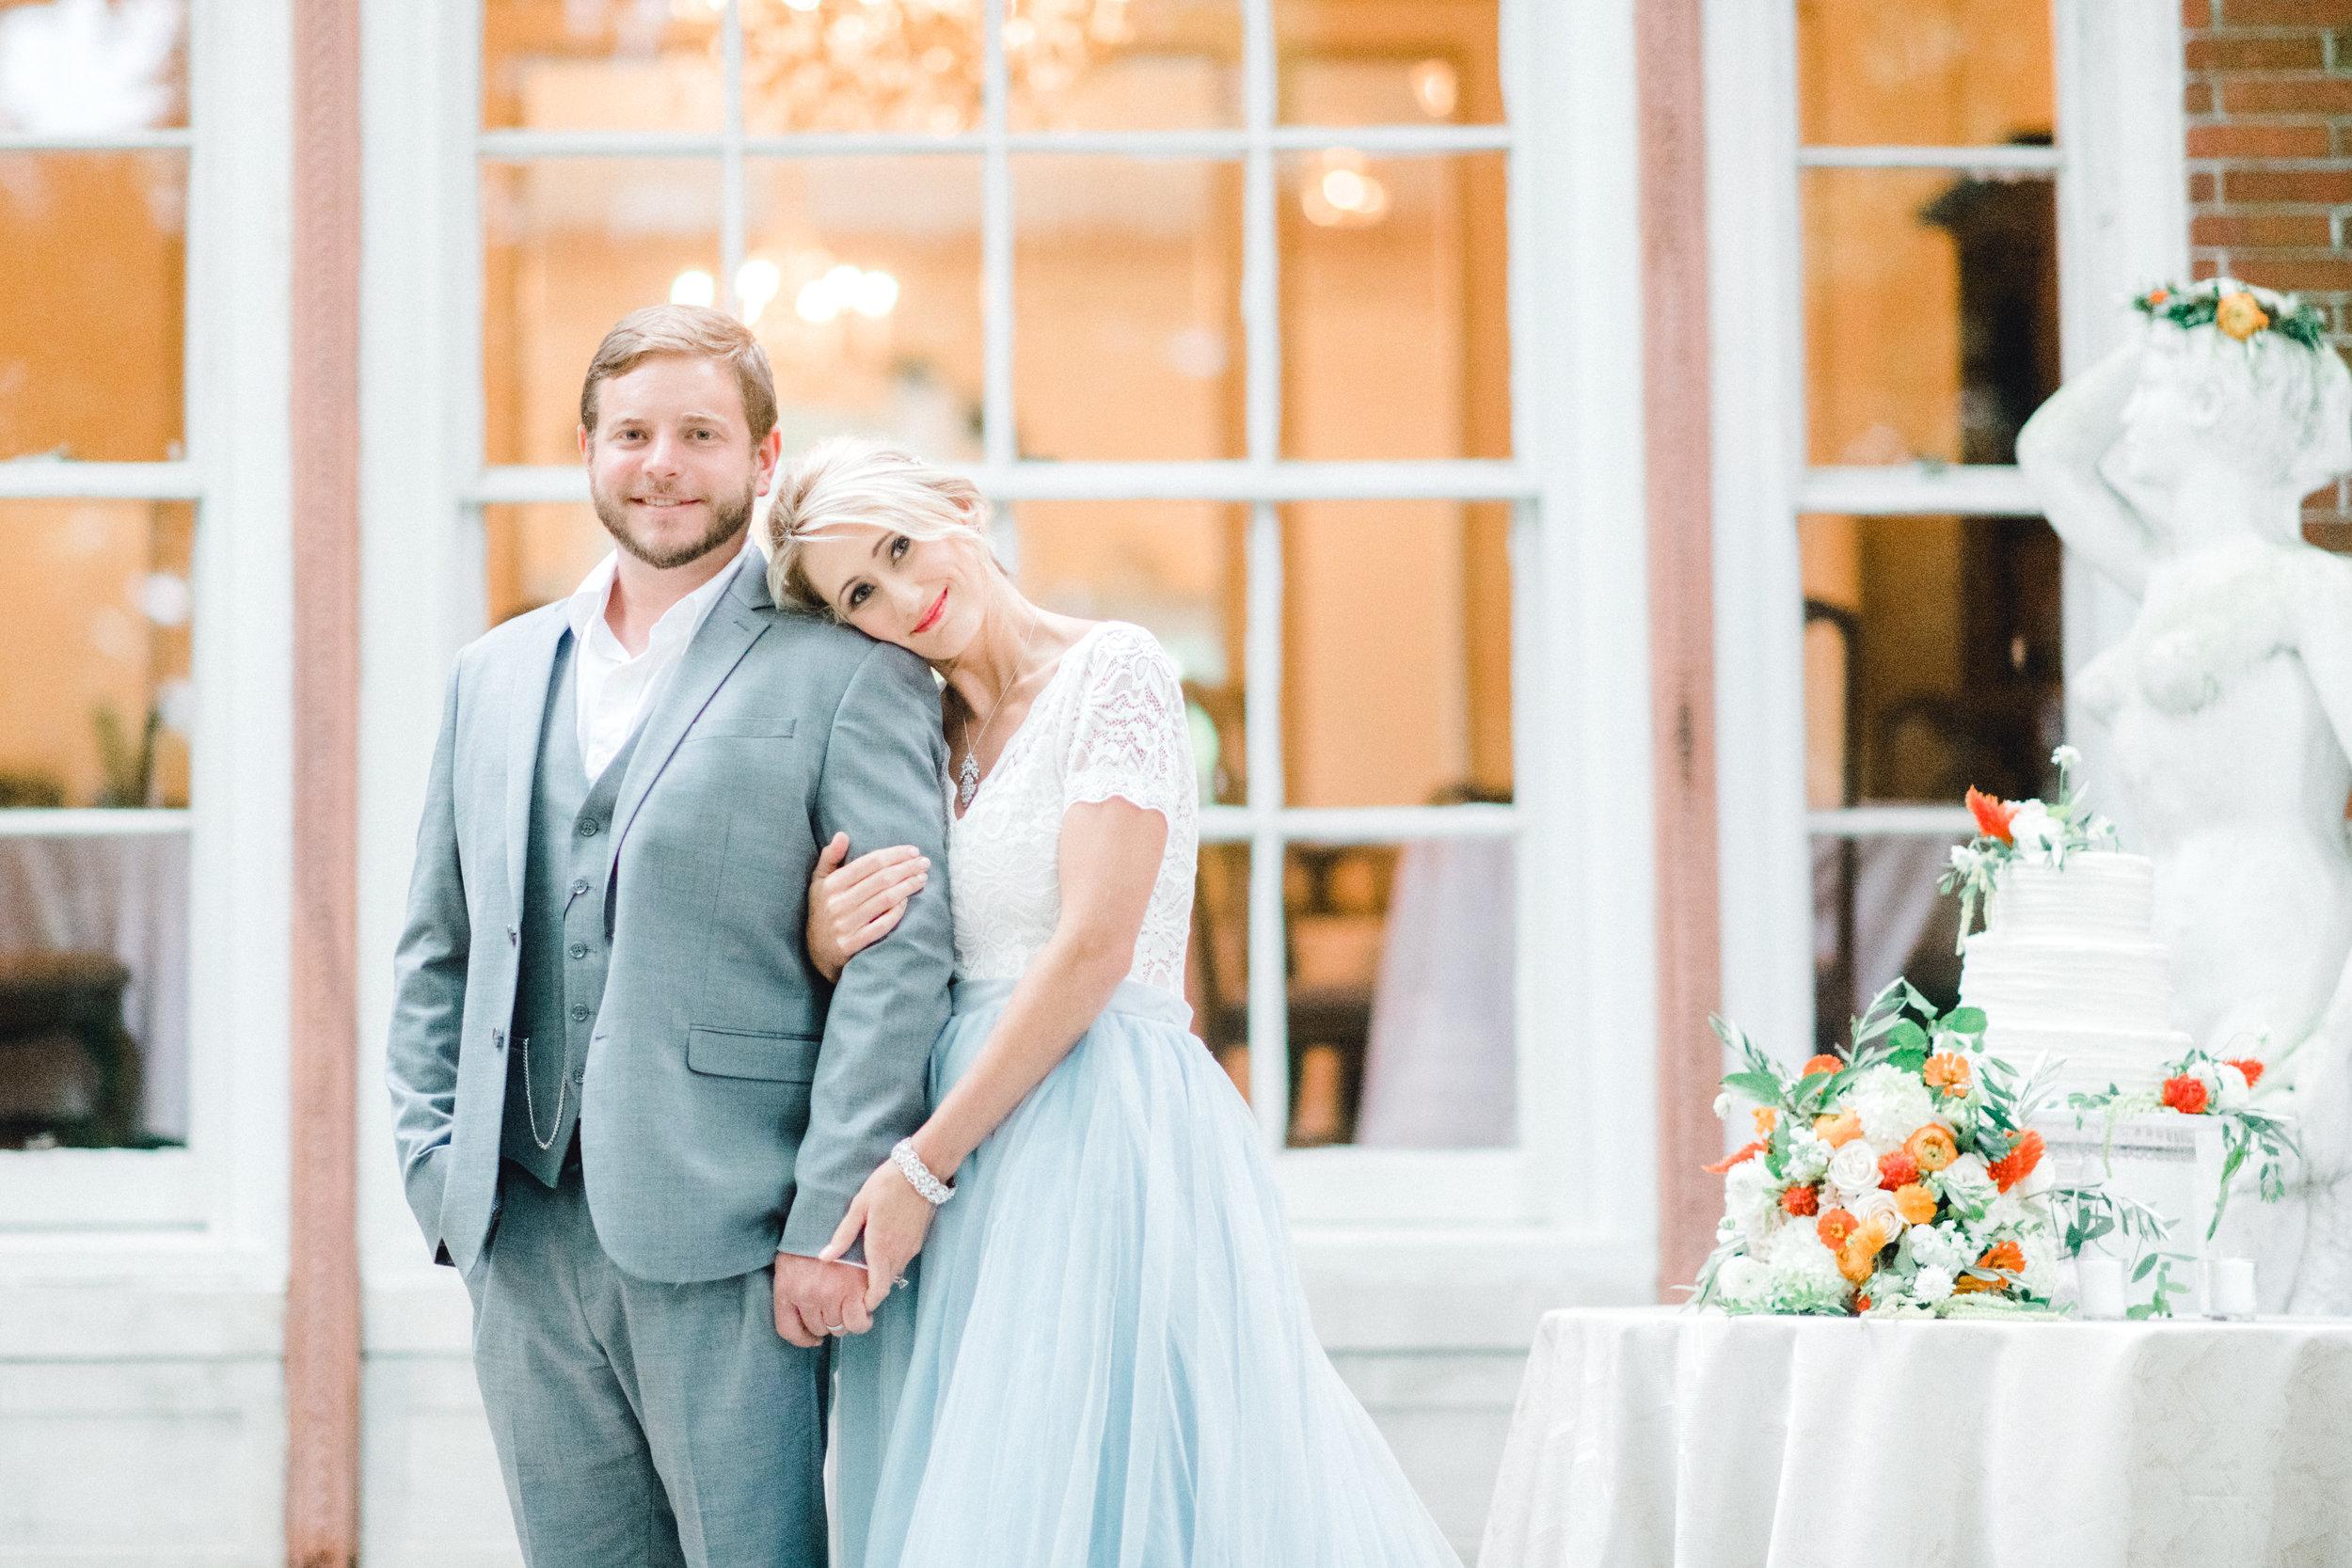 Jessica-Garda-Events-Pittsburgh-Wedding-Planner-Mansion-Butler-Blue-Grey-Orange-Palette (23).jpg